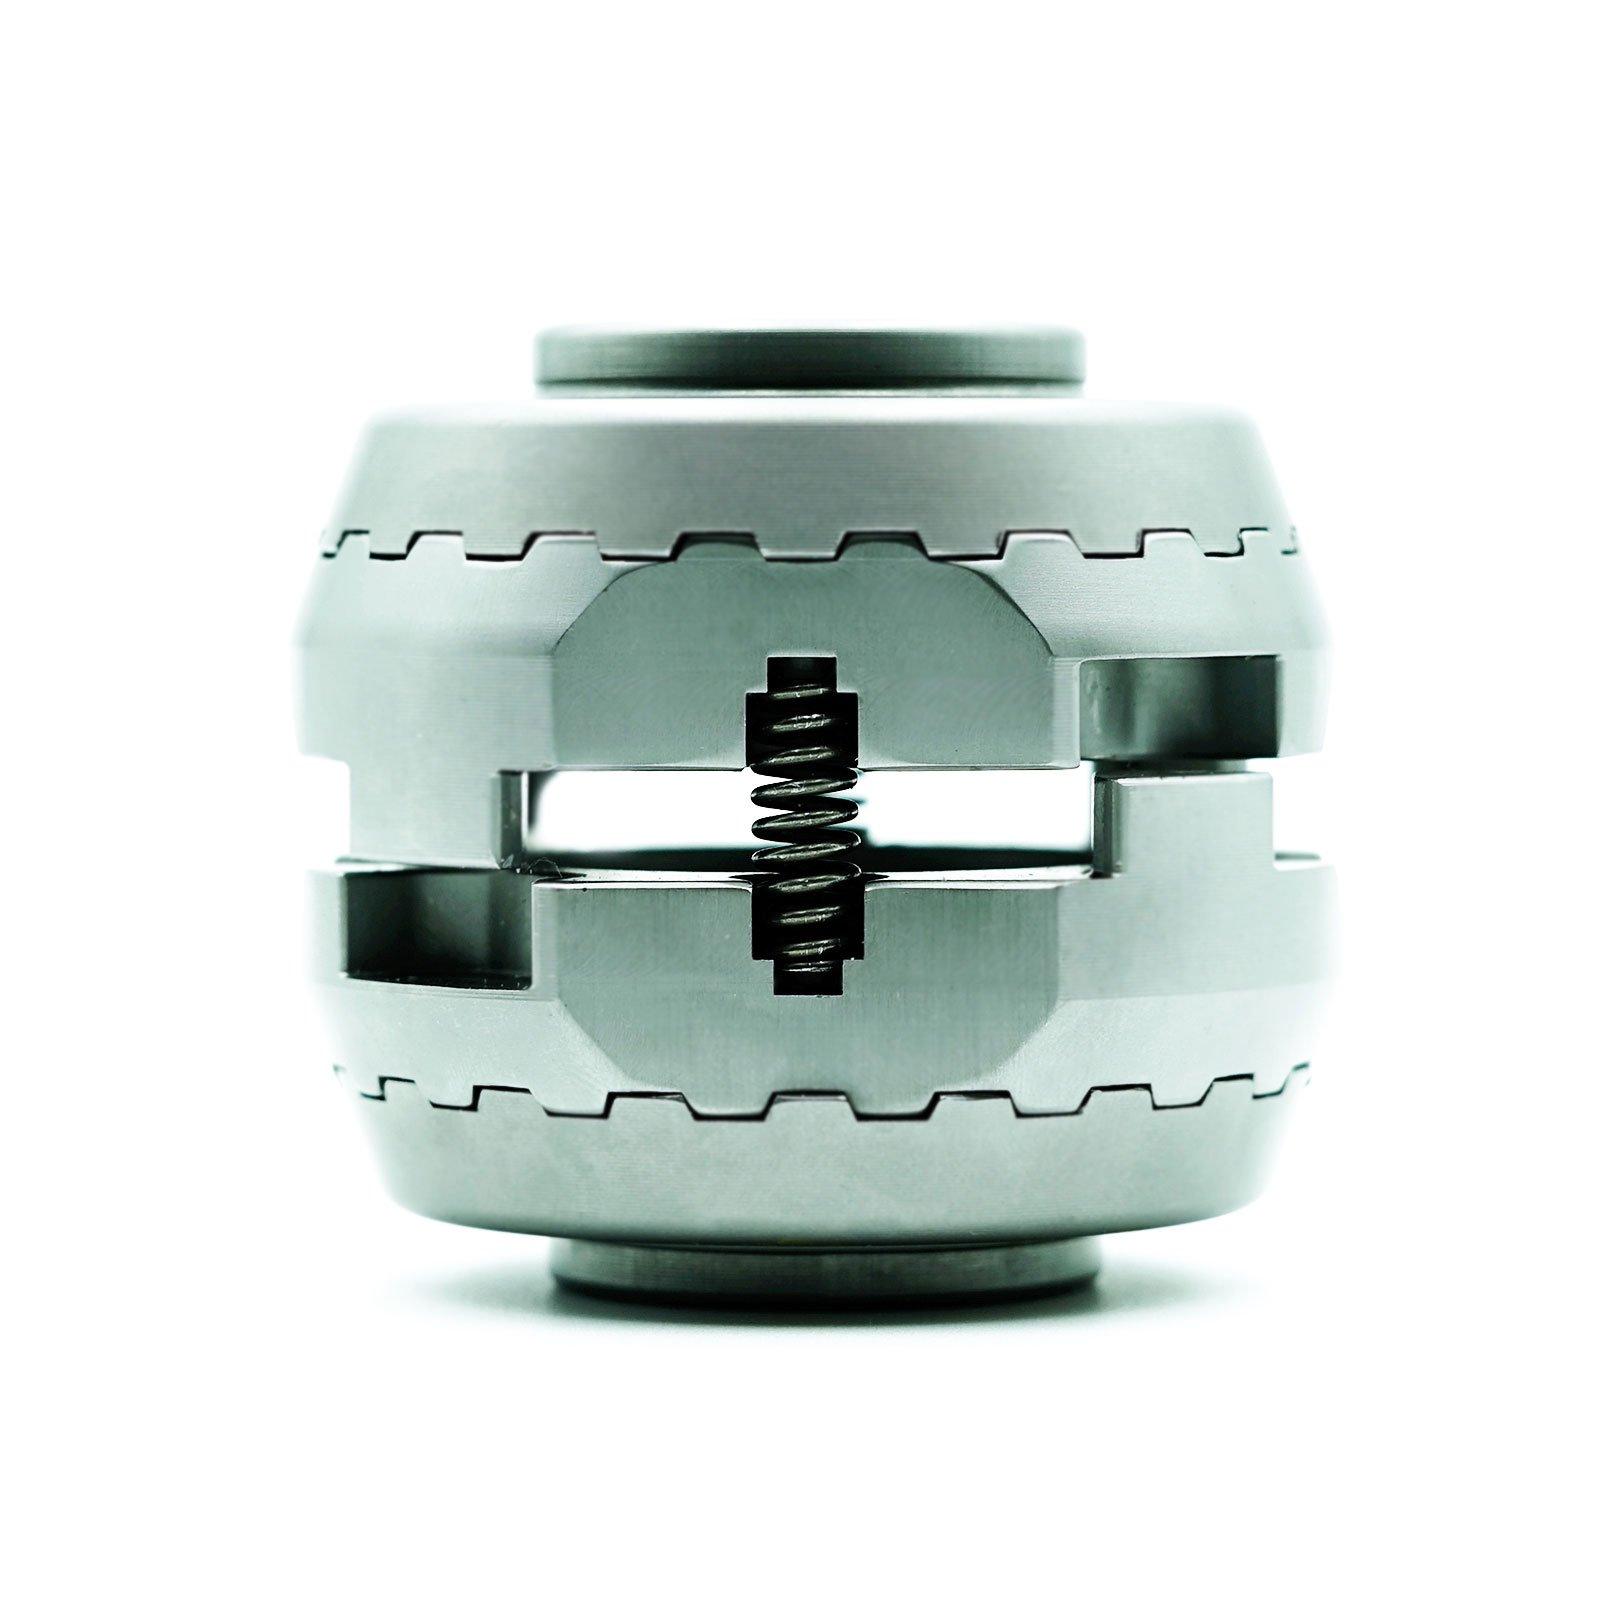 TORQ Locker TL-CANAM Front Differential Locker